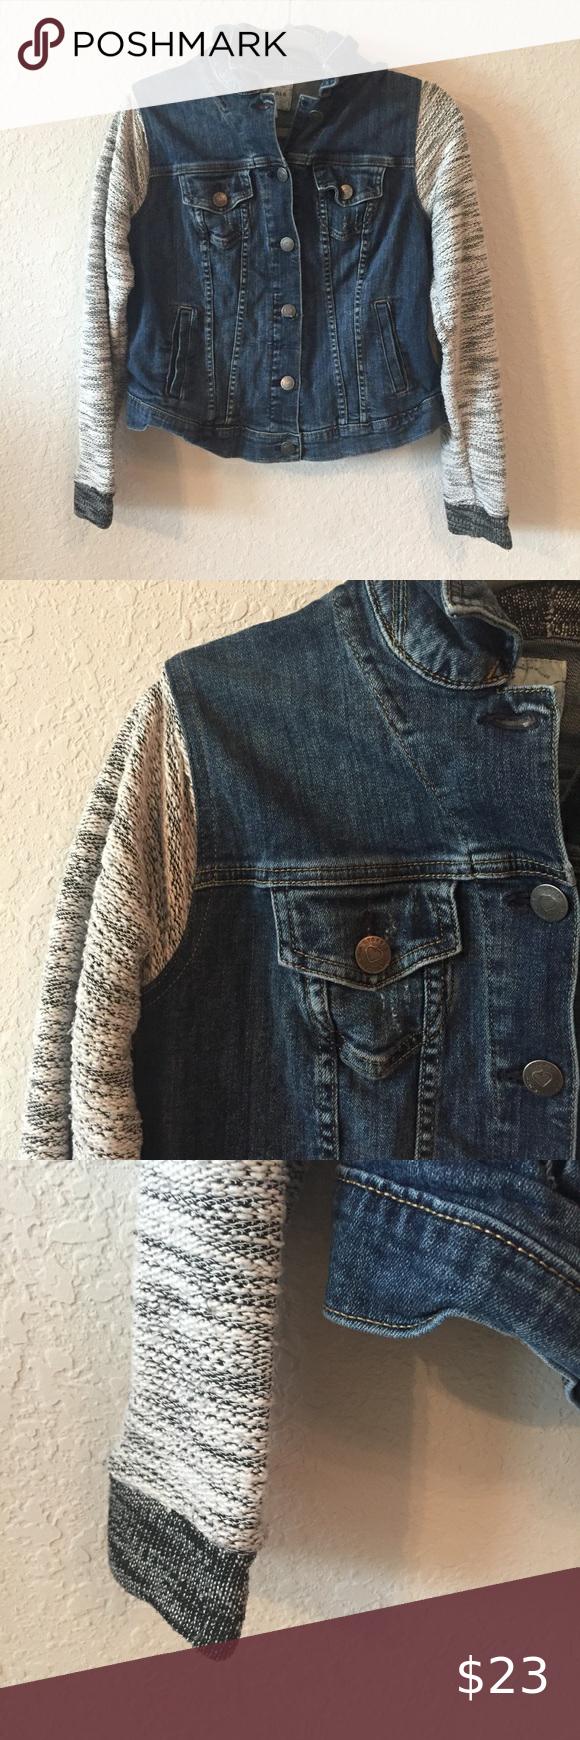 Torrid Sweater Jean Jacket Sweaters And Jeans Jean Jacket Jackets [ 1740 x 580 Pixel ]